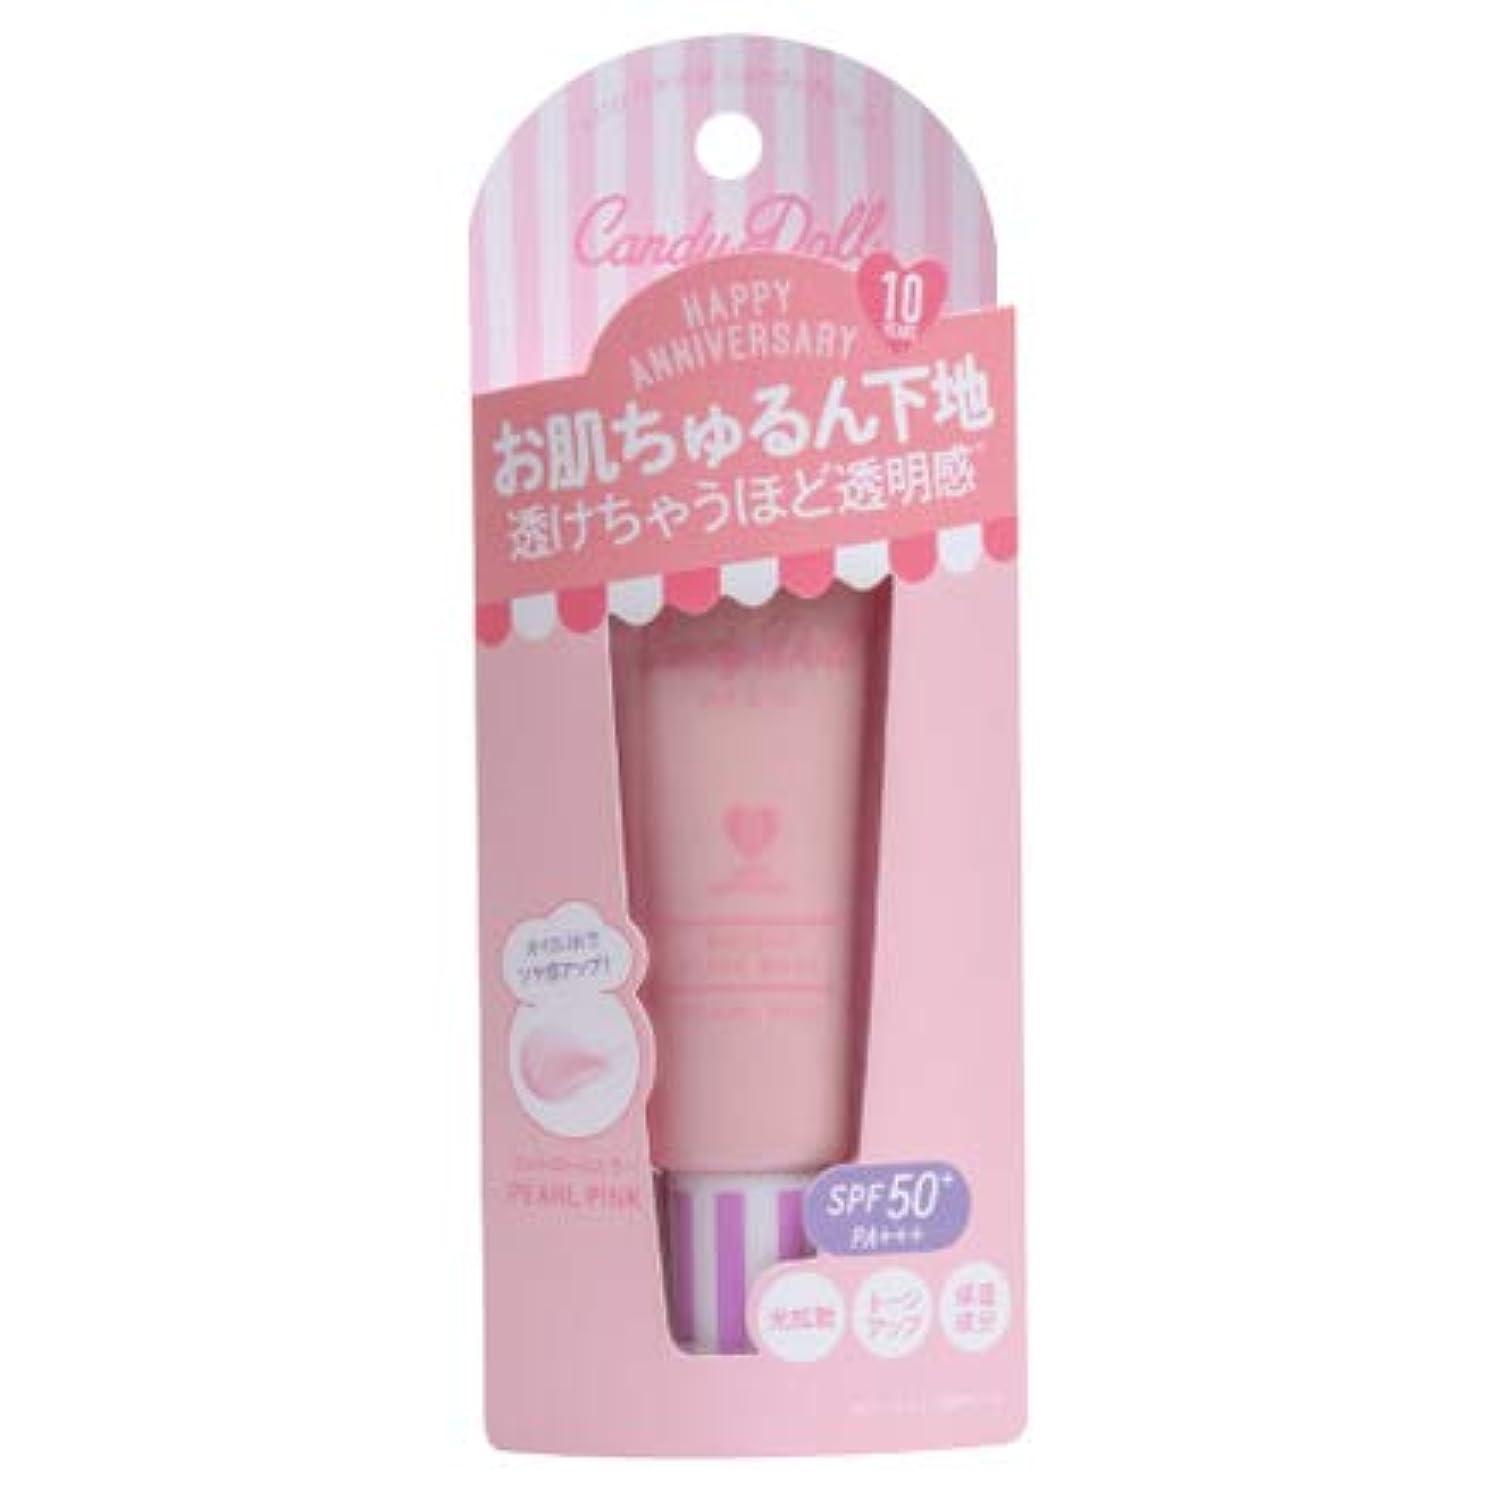 高層ビルエッセイ戦略CandyDoll(キャンディドール) ブライトピュアベース 限定色 パールピンク